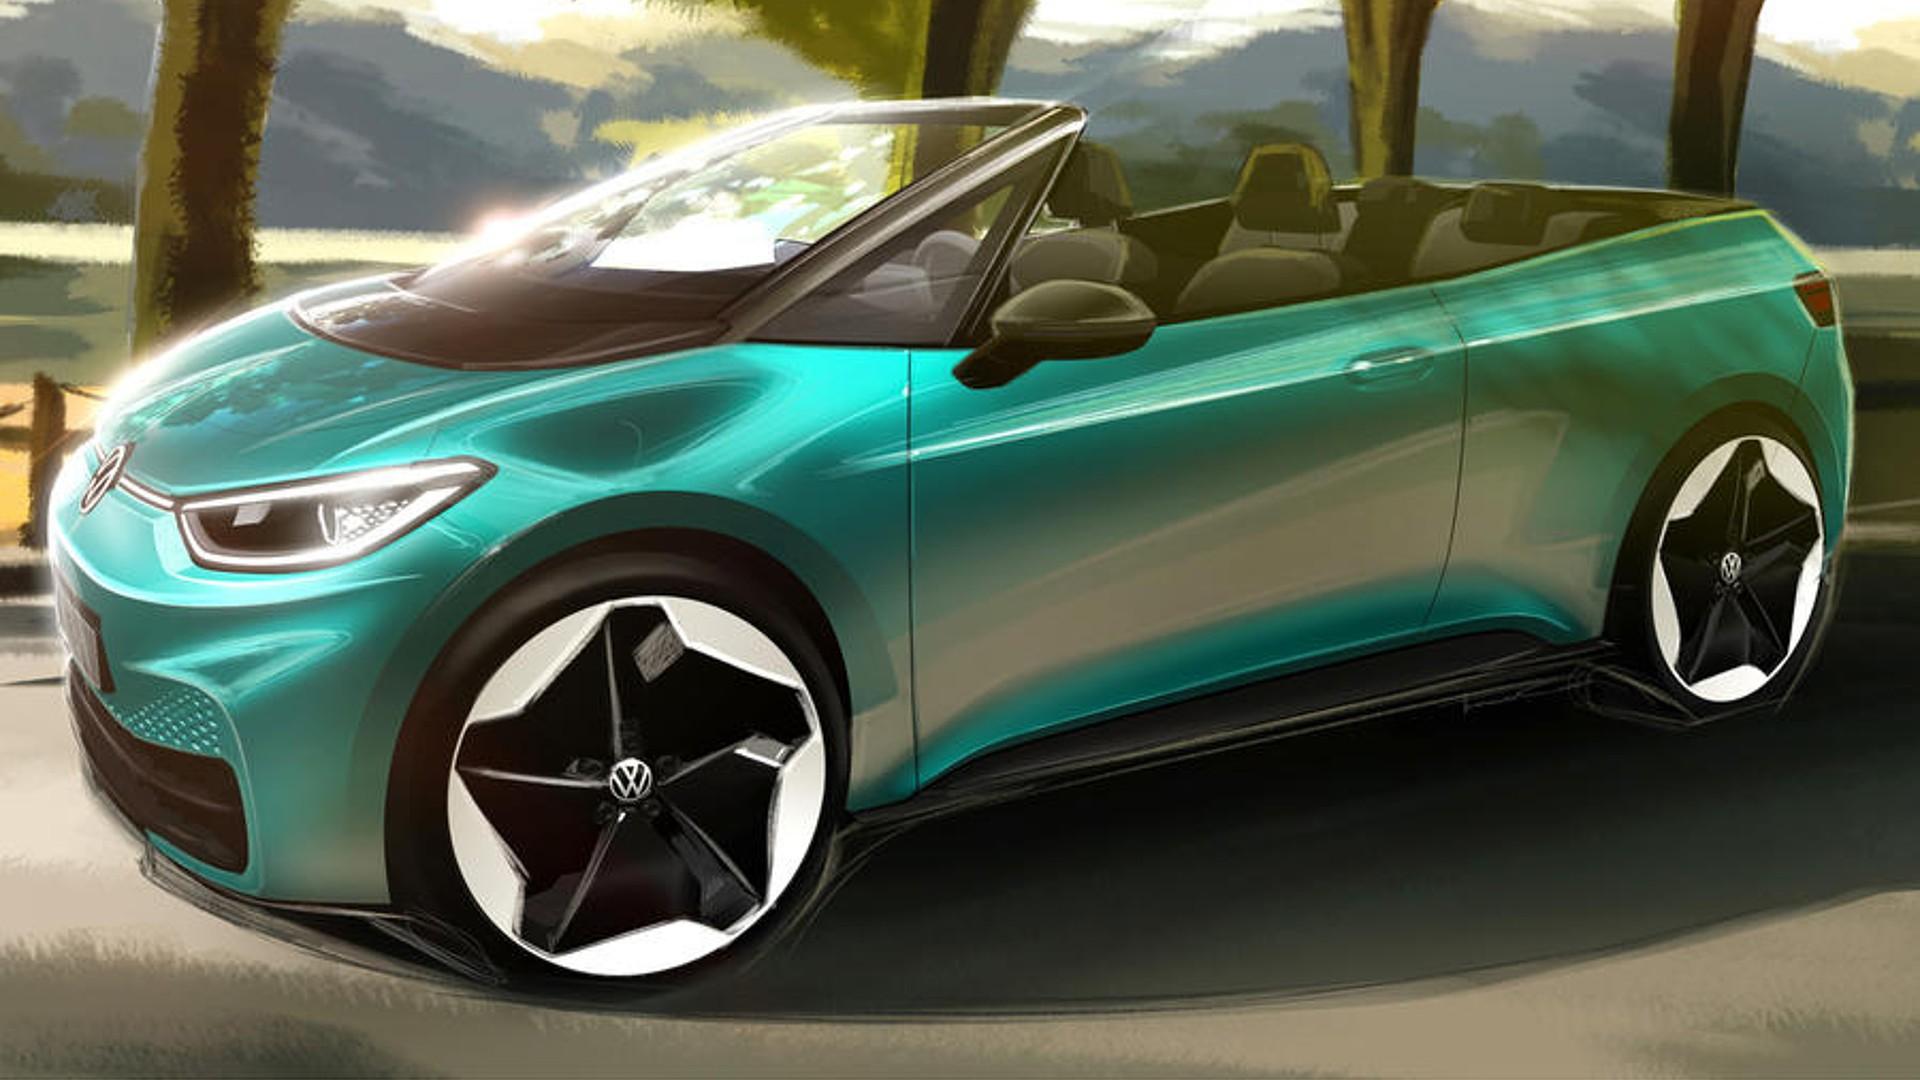 Η Volkswagen ετοιμάζει το πρώτο της ηλεκτρικό κάμπριο! [pics]